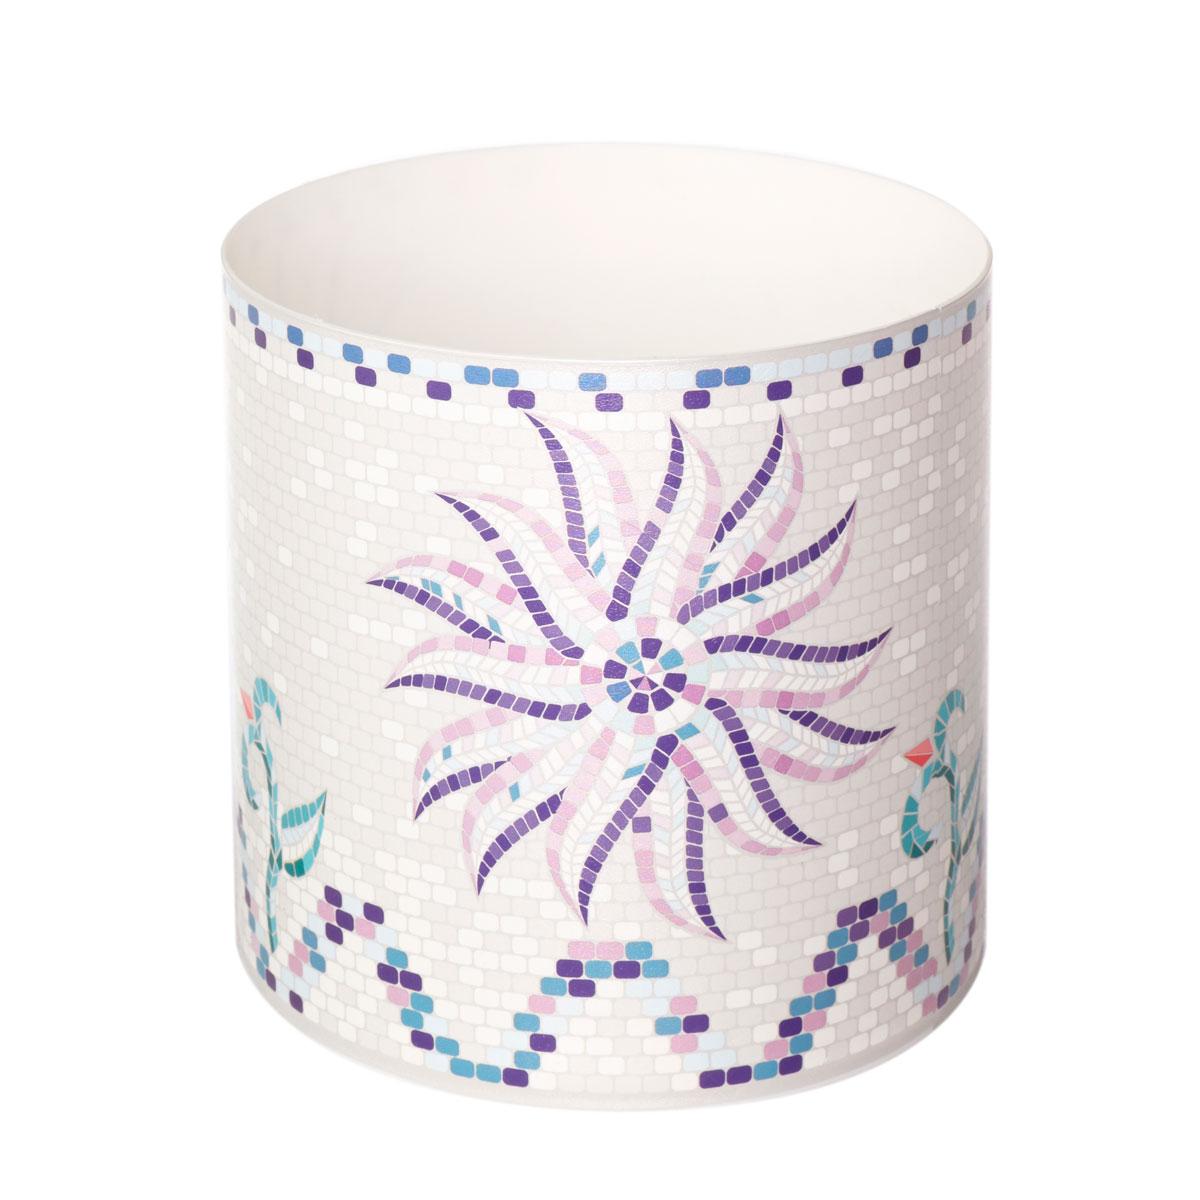 Горшок для цветов Miolla Мозаика белая, со скрытым поддоном, 1,7 лSMG-20Горшок для цветов Miolla Мозаика белая со скрытым поддоном выполнен из пластика и декорирован красочным рисунком.Диаметр горшка: 13,5 см.Высота горшка (с учетом поддона): 13,5 см.Объем горшка: 1,7 л.